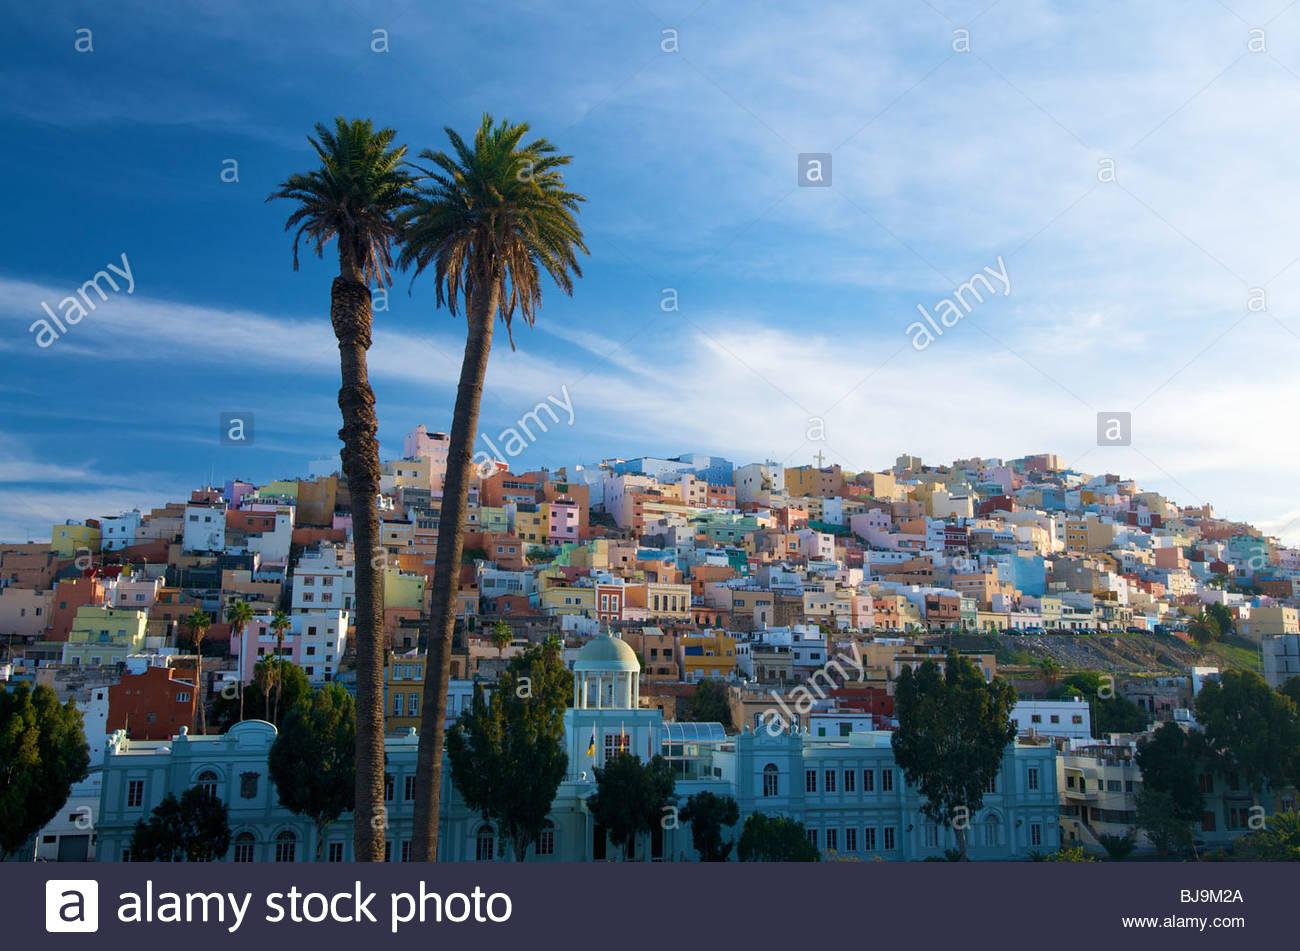 Le case dai colori pastello di Las Palmas de Gran Canaria Isole Canarie Spagna Immagini Stock